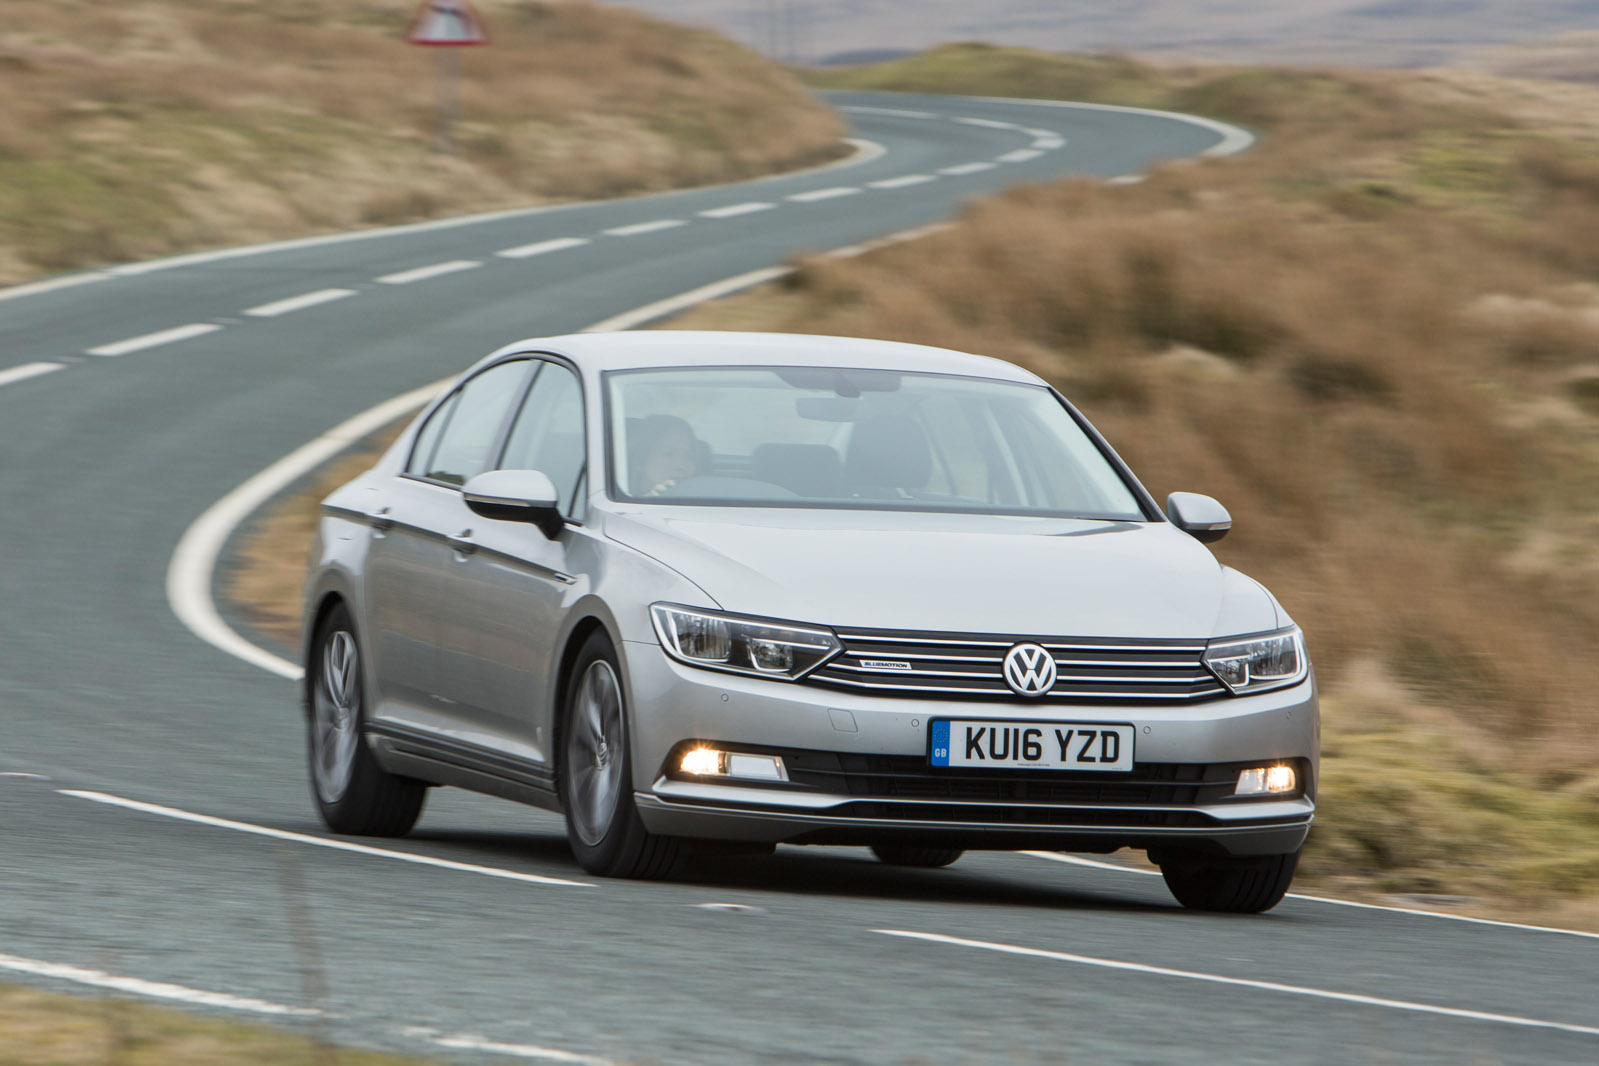 Satılık 2016 model Volkswagen Passat